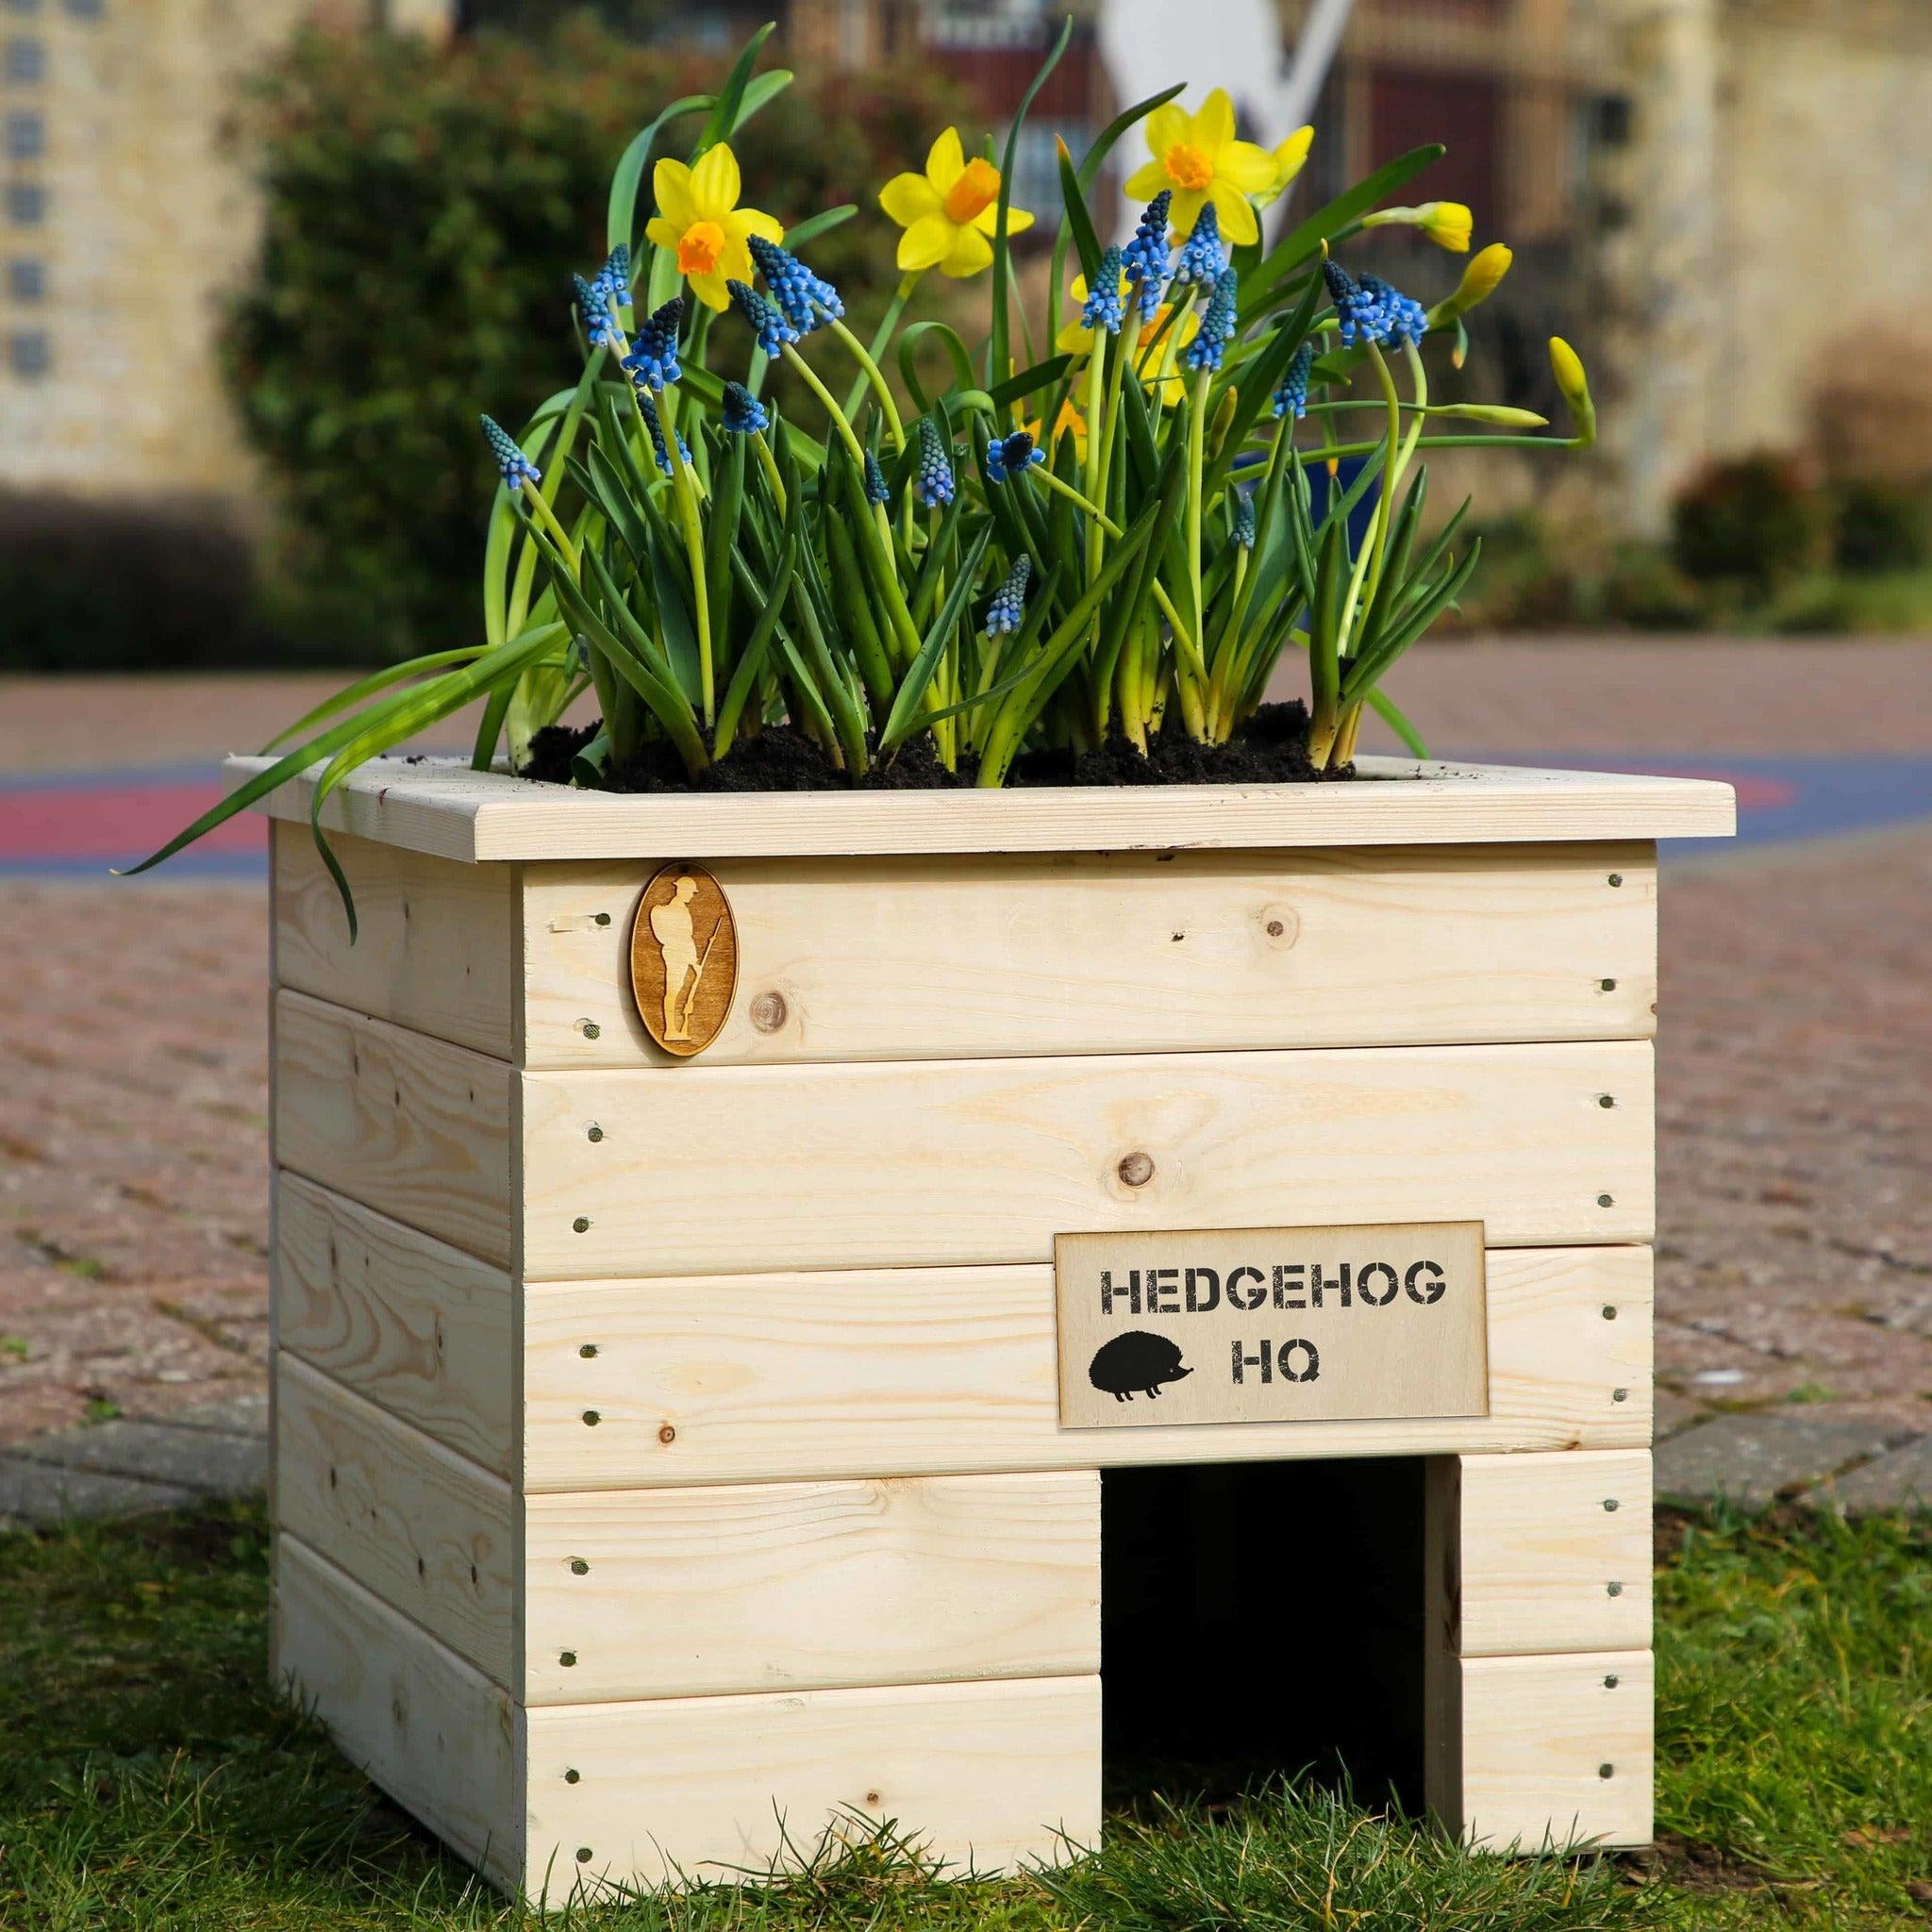 'Hedgehog Headquarters'